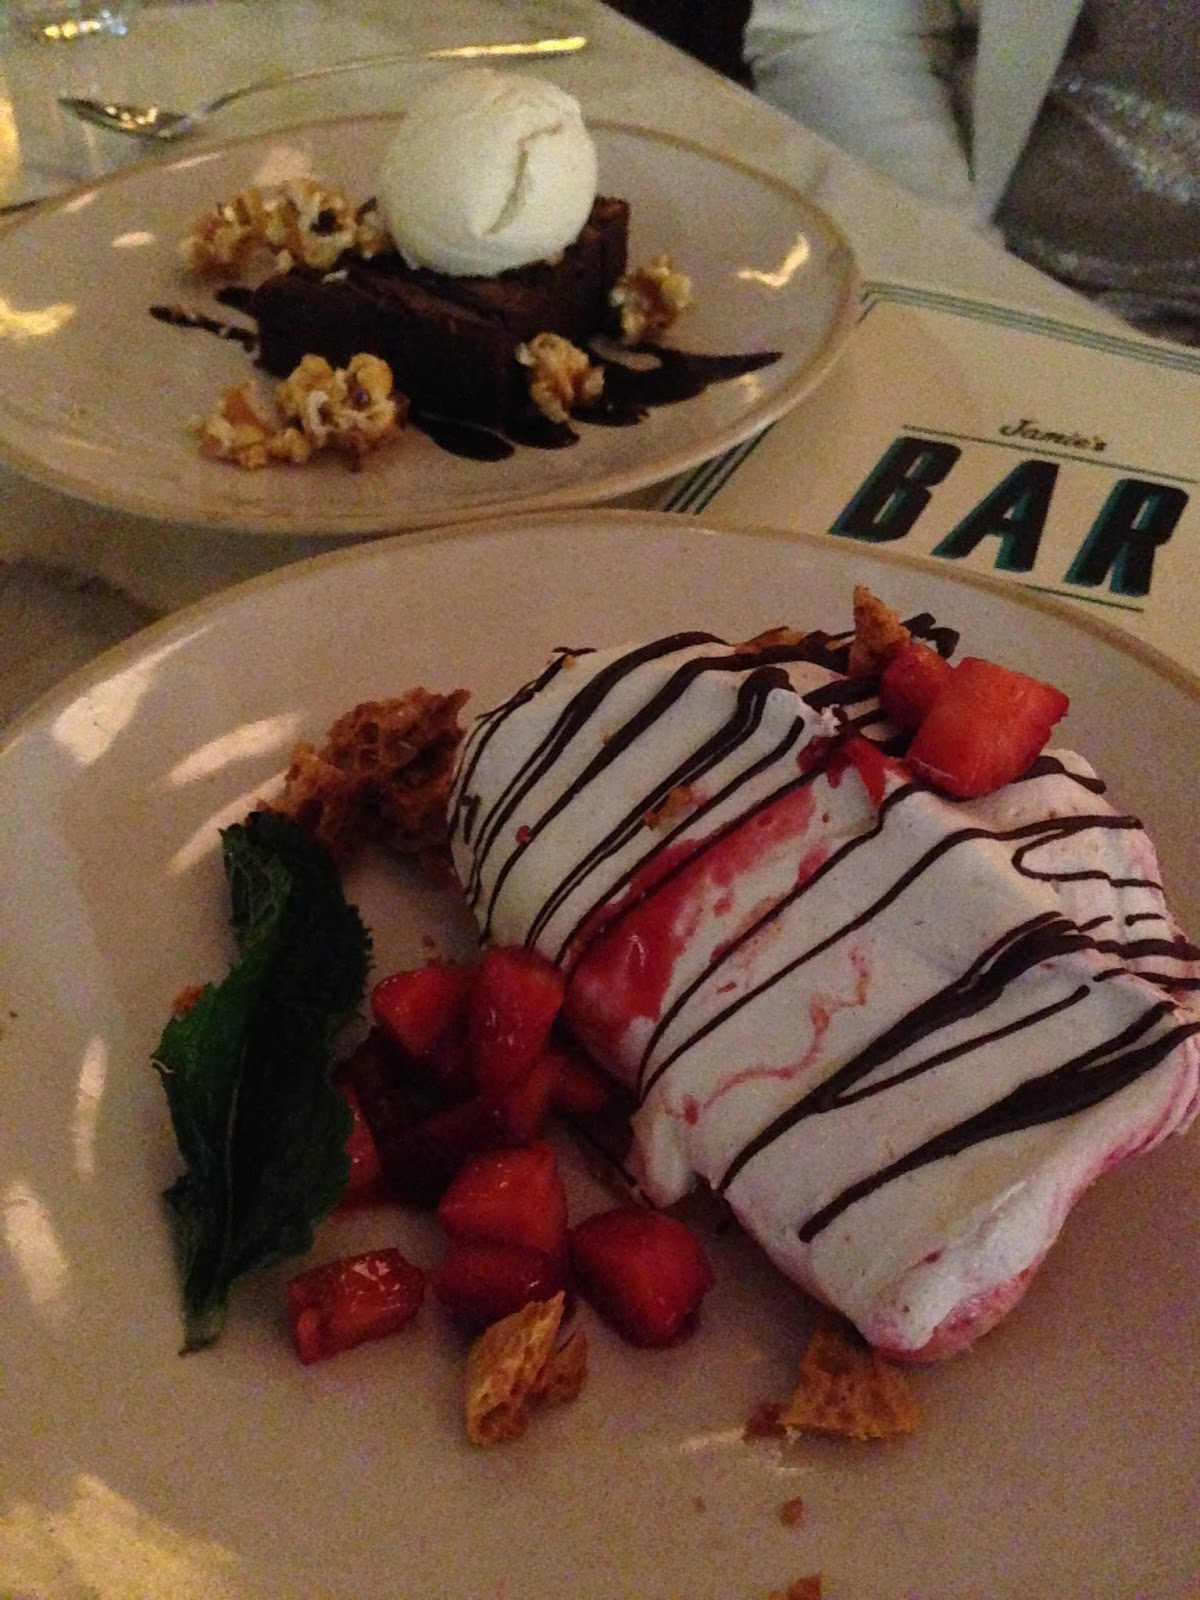 jamie's, italian, adelaide, food, dessert, sweets, pavlova, chocolate, brownie, icecream, raspberries, honeycomb